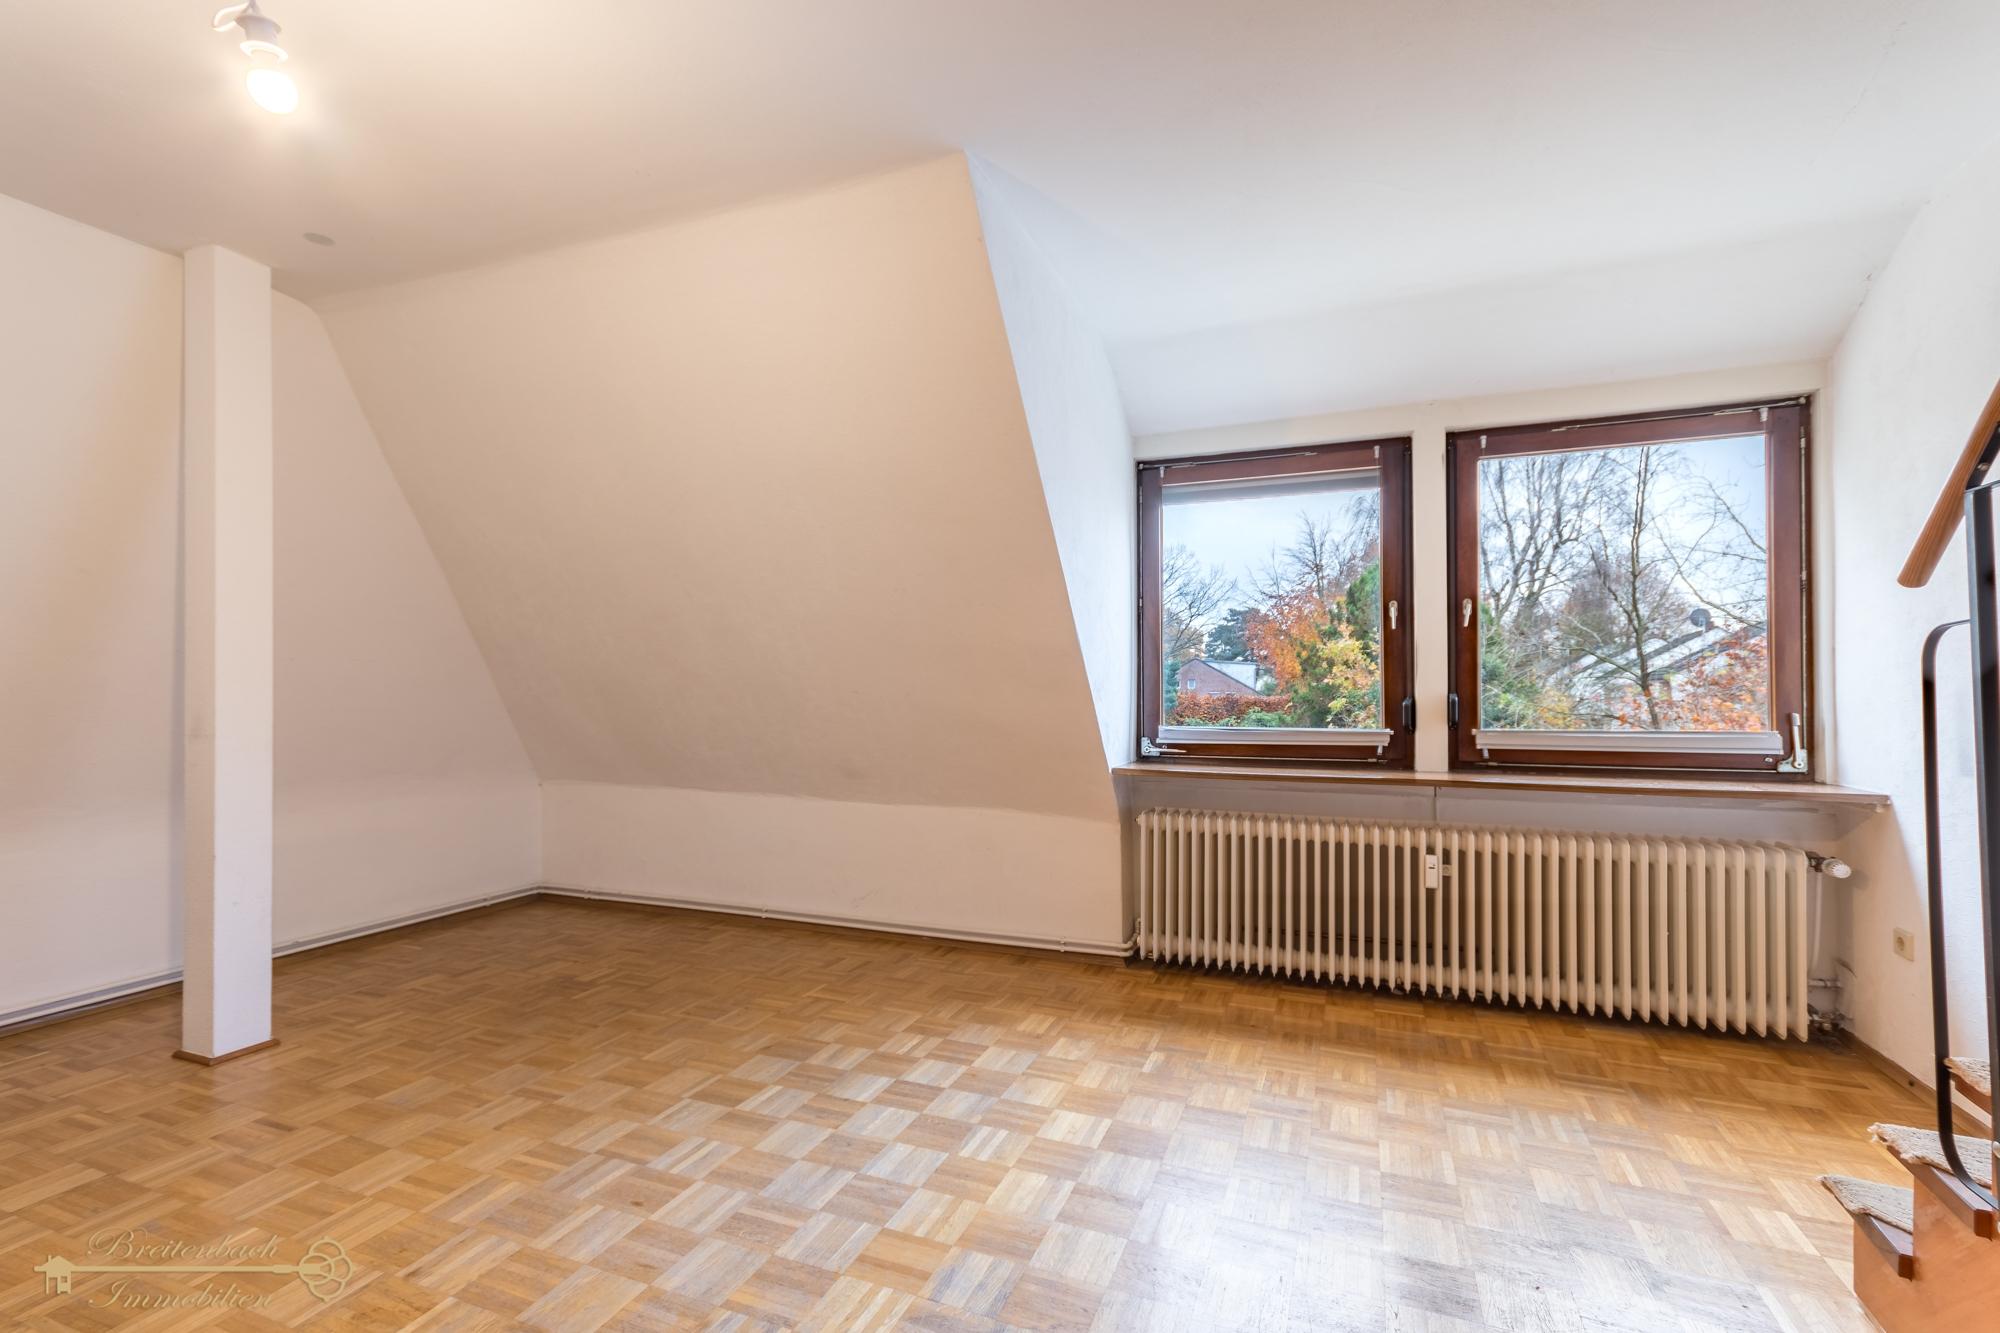 2020-11-21-Breitenbach-Immobilien-12